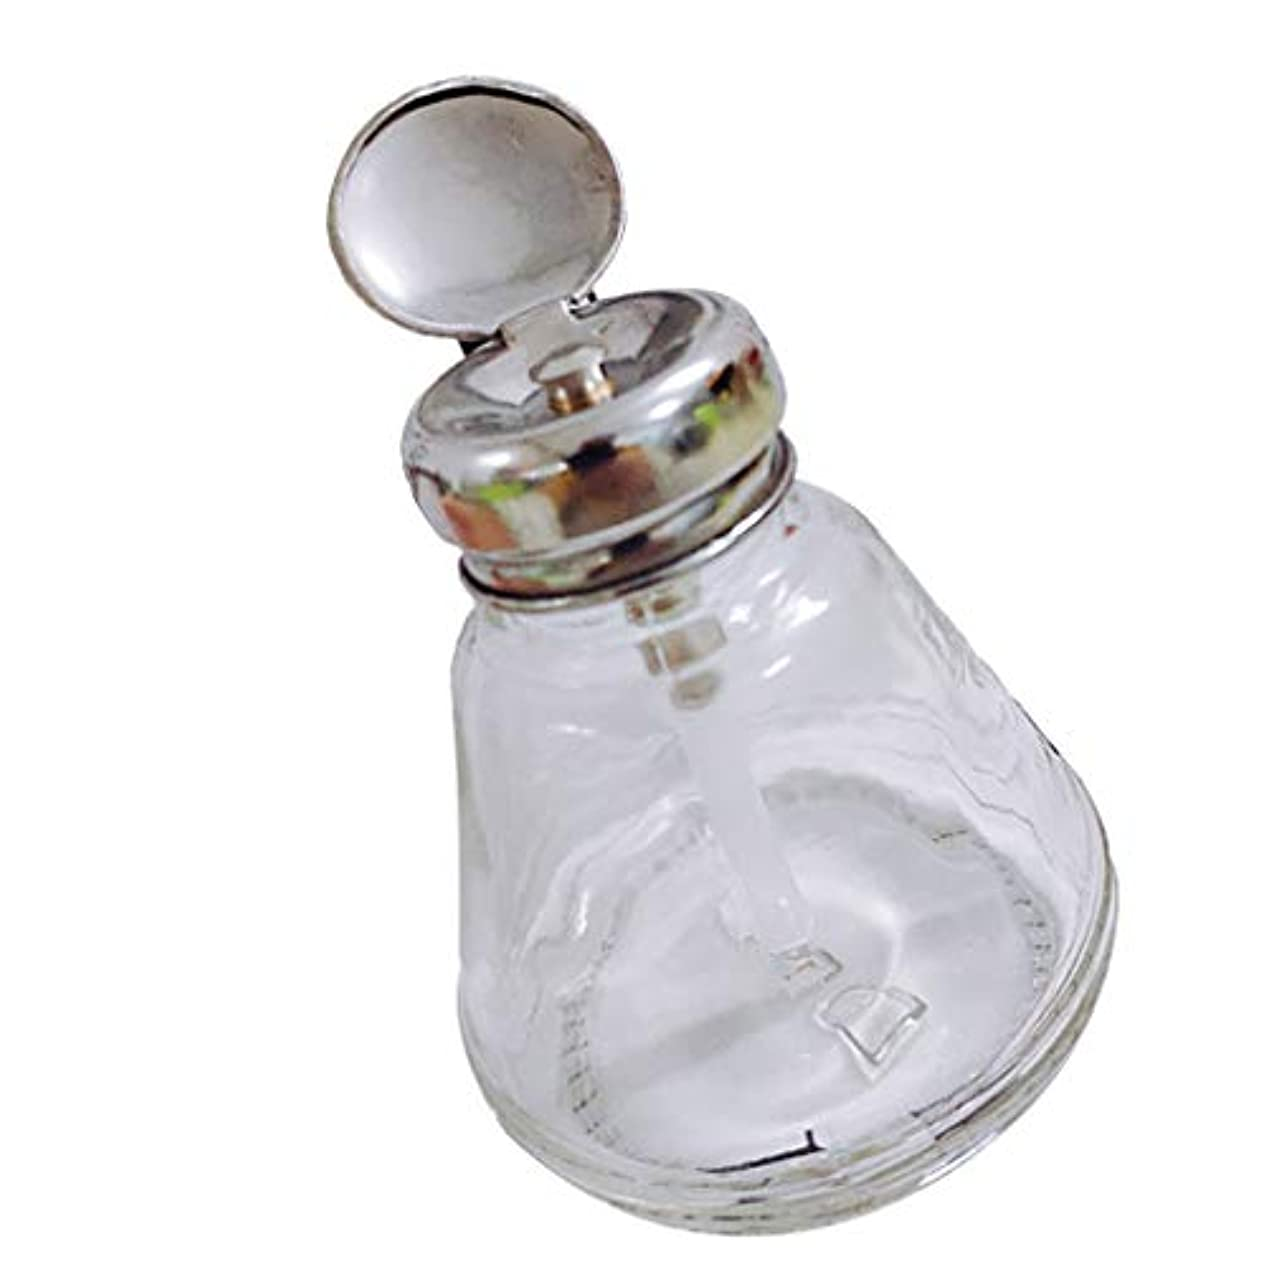 白鳥液化する内側CUTICATE ネイルアートプレスボトル ネイルアートツール ネイル道具 ネイルポリッシュリムーバー アルコール